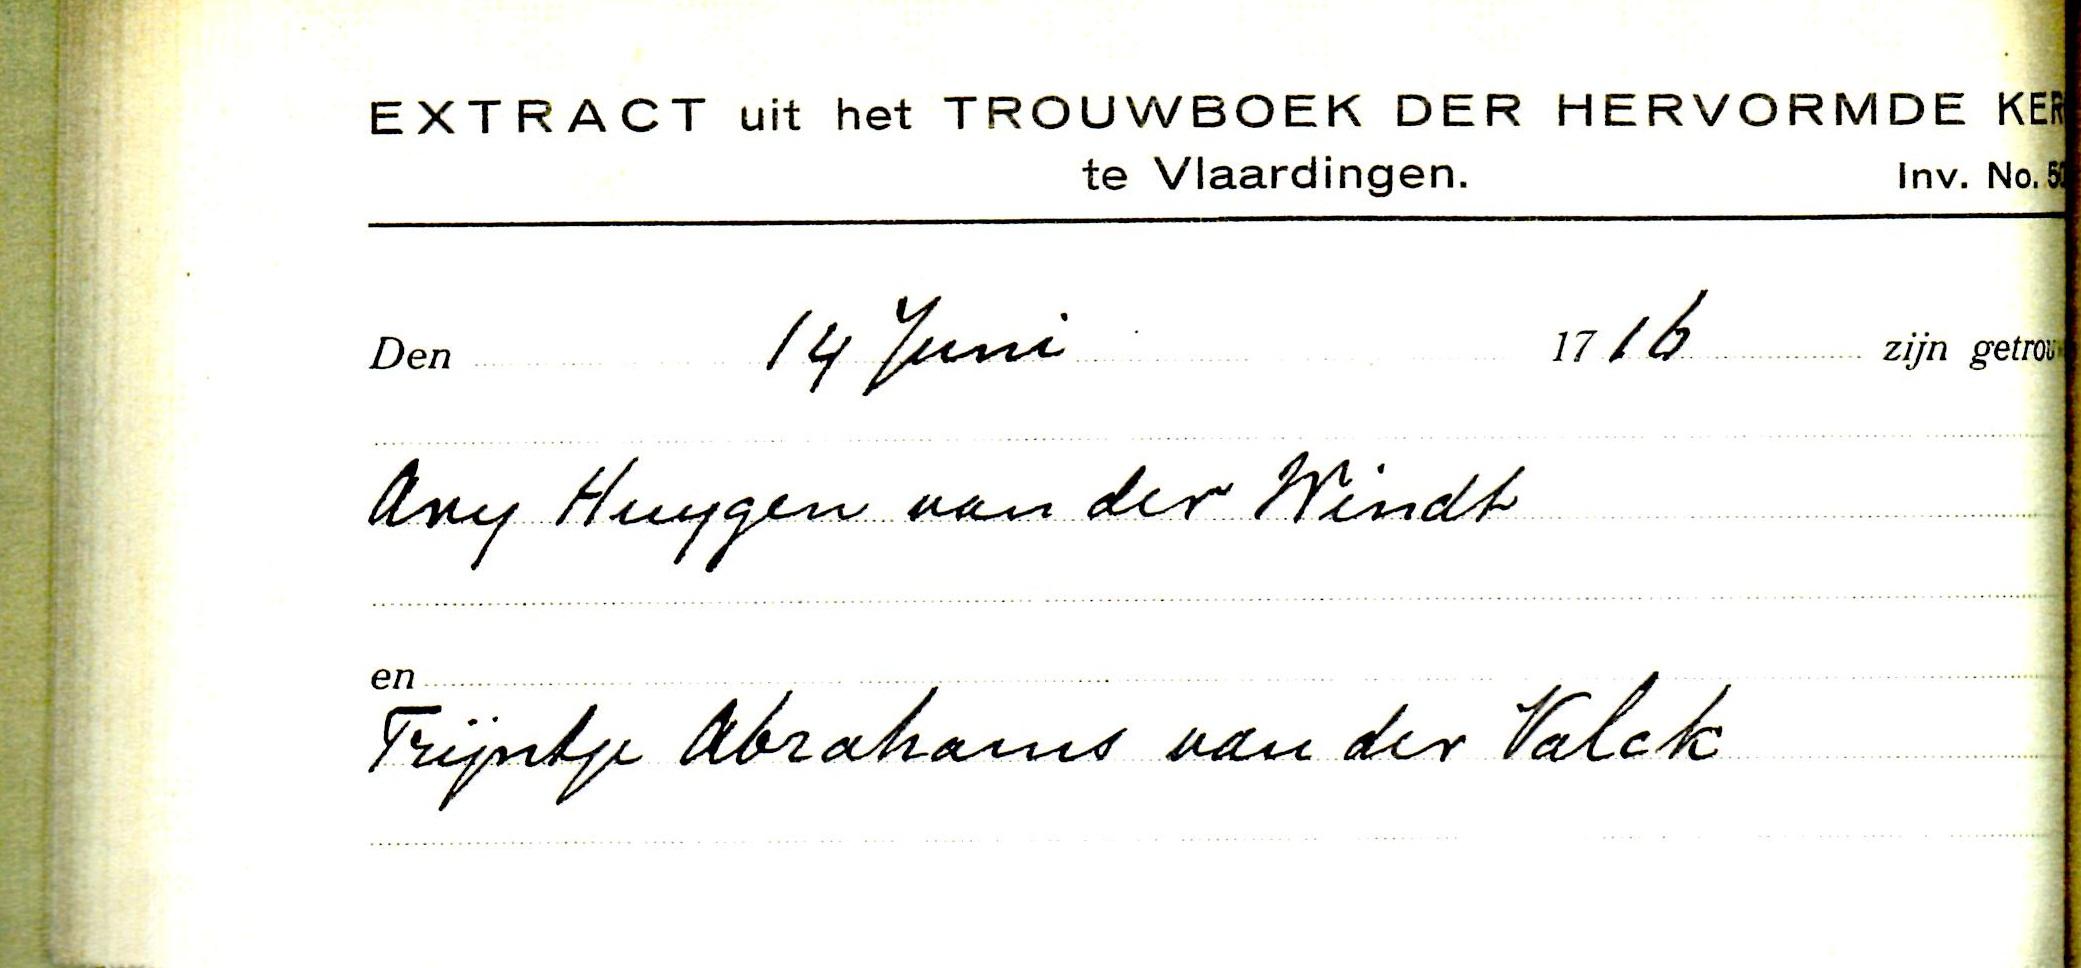 1716-06-14 Extract Trouwboek Arij Huijgensz van der Windt en Trijntje Abrahamsd van der Valck